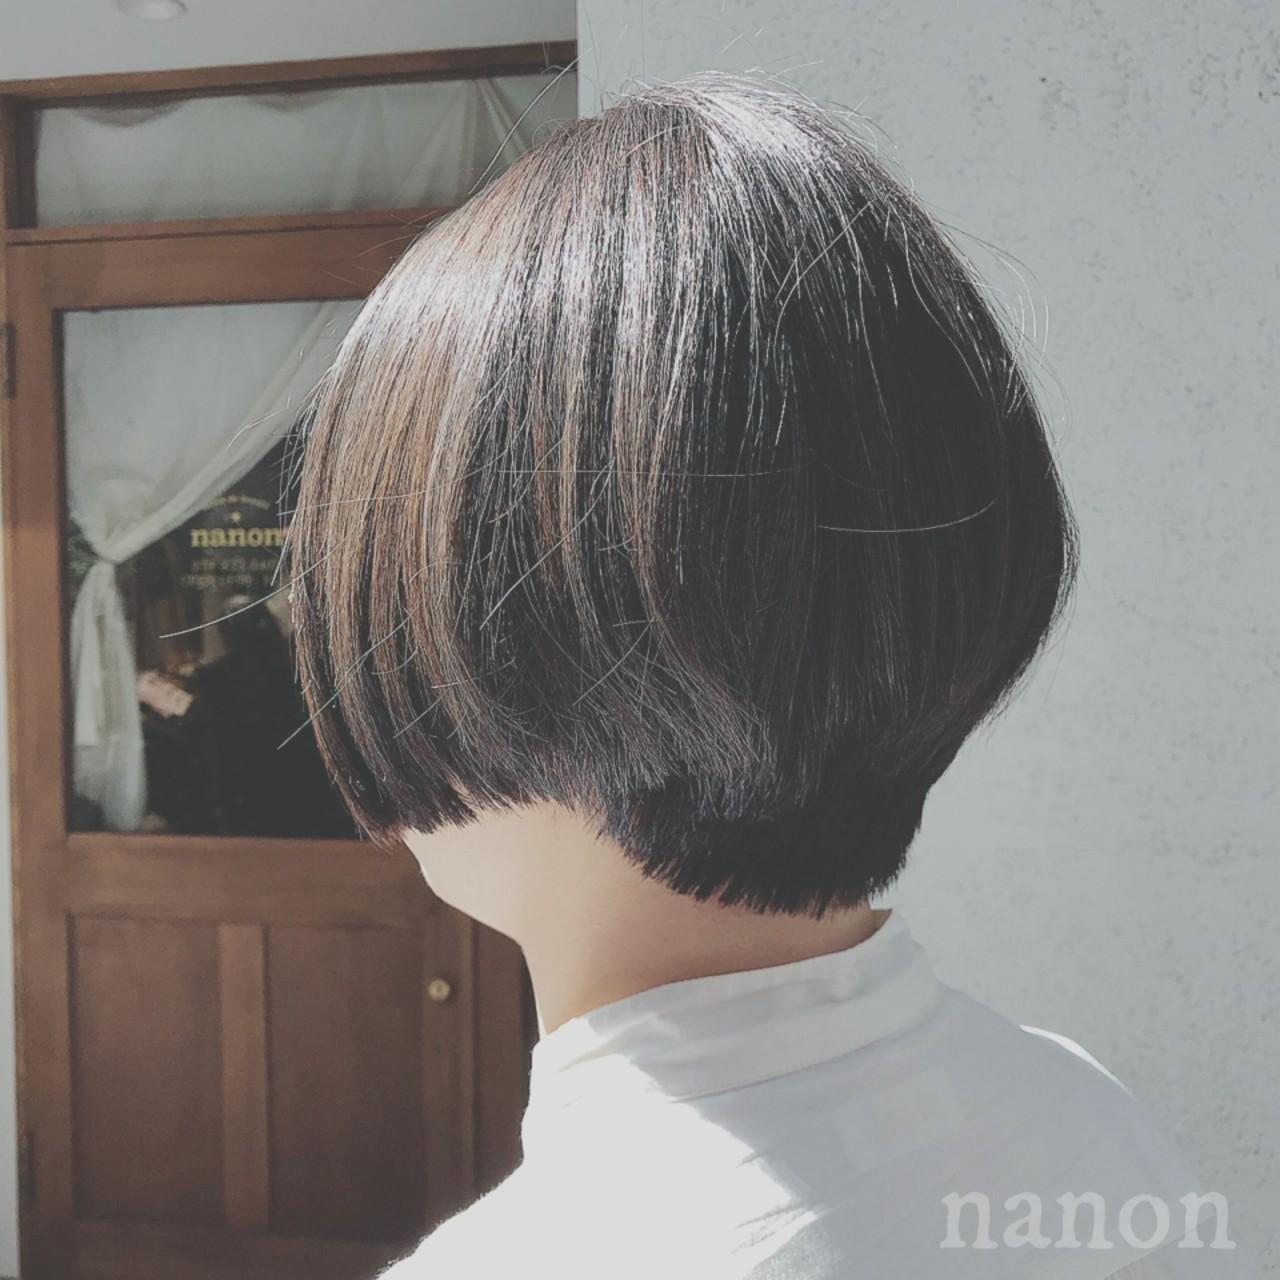 ナチュラル デート ゆるふわ ショート ヘアスタイルや髪型の写真・画像 | 浦川由起江 / nanon